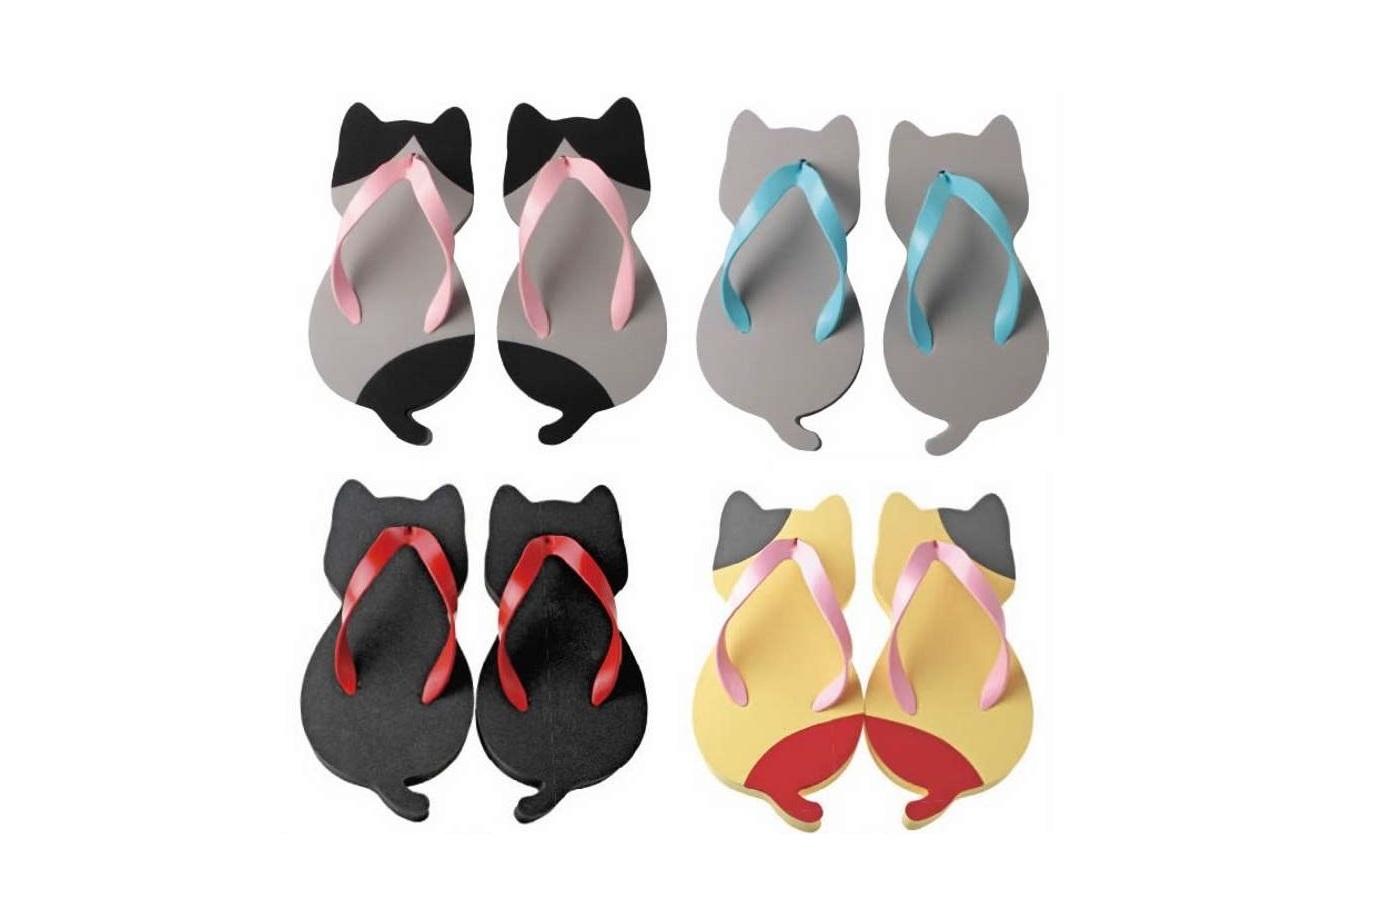 Sandali a forma di gatto